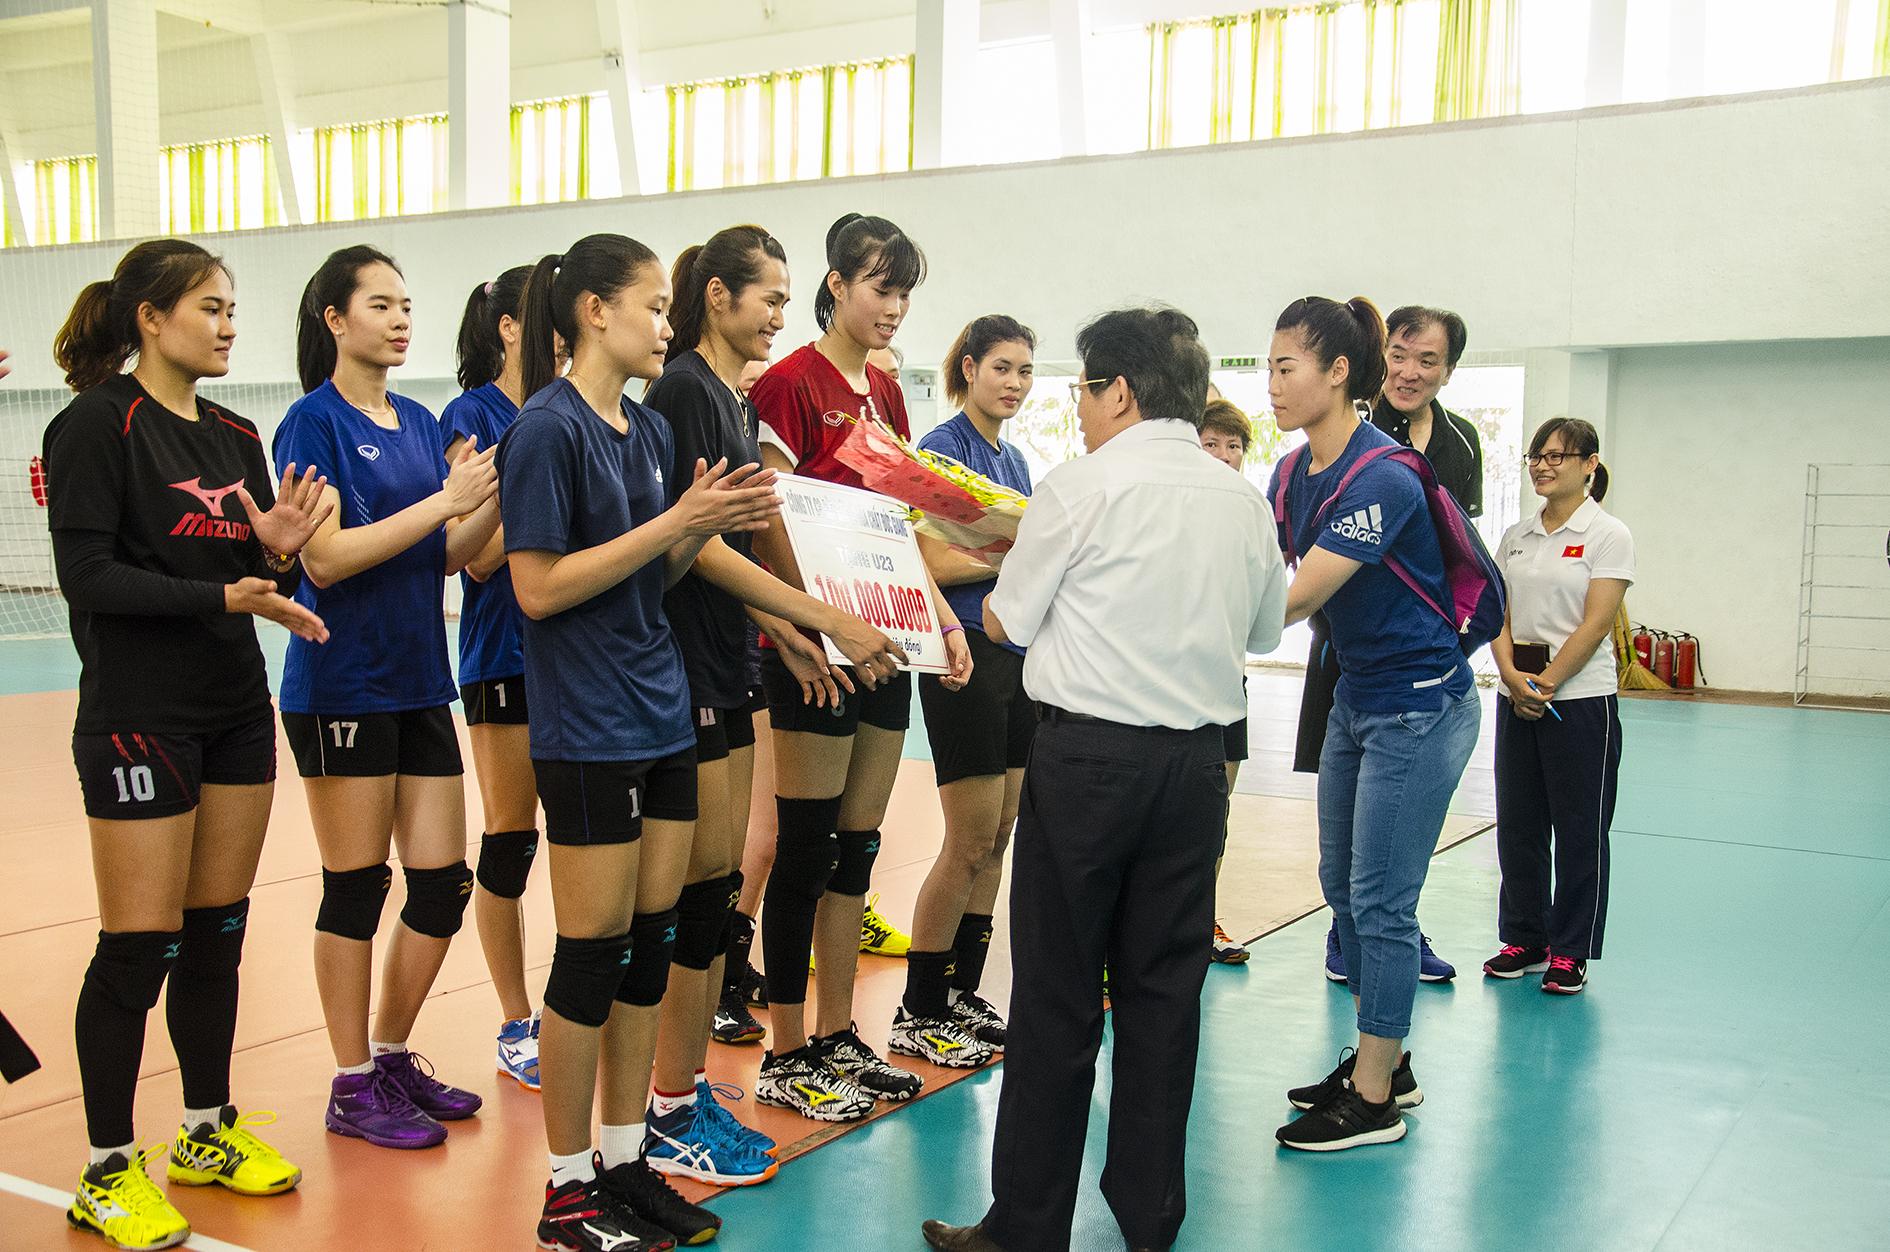 Công ty CP Bột giặt & Hóa Chất Đức Giang đã trao phần thưởng 100 triệu đồng cho kì tích của đội tuyển U23 Việt Nam tại giải Vô Địch bóng chuyền nữ Châu Á